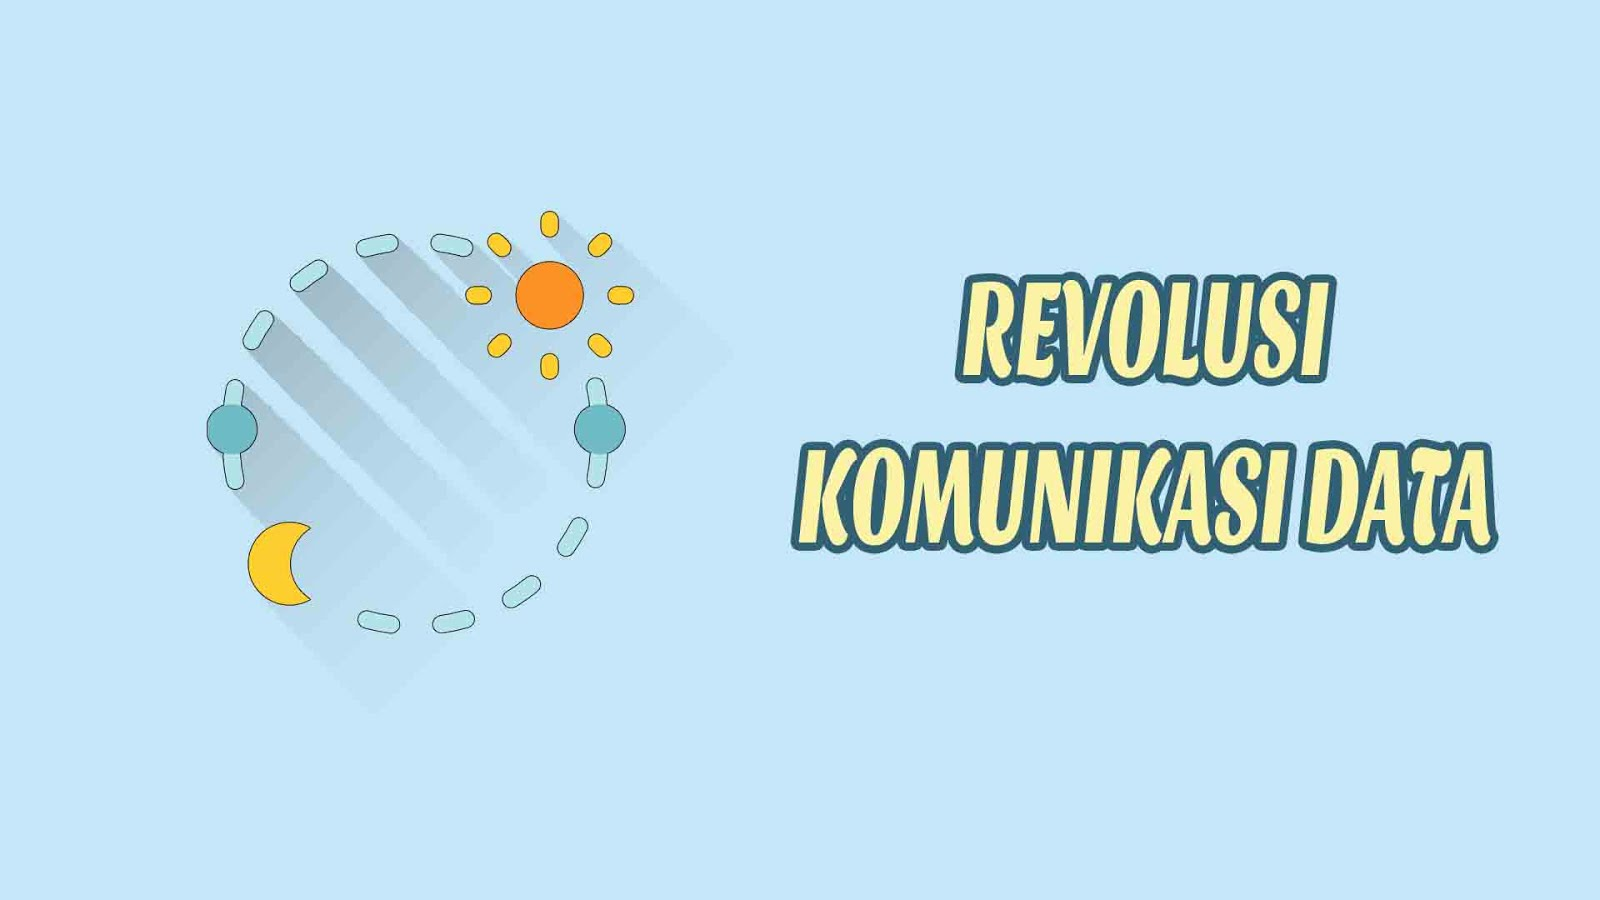 Revolusi-komunikasi-data